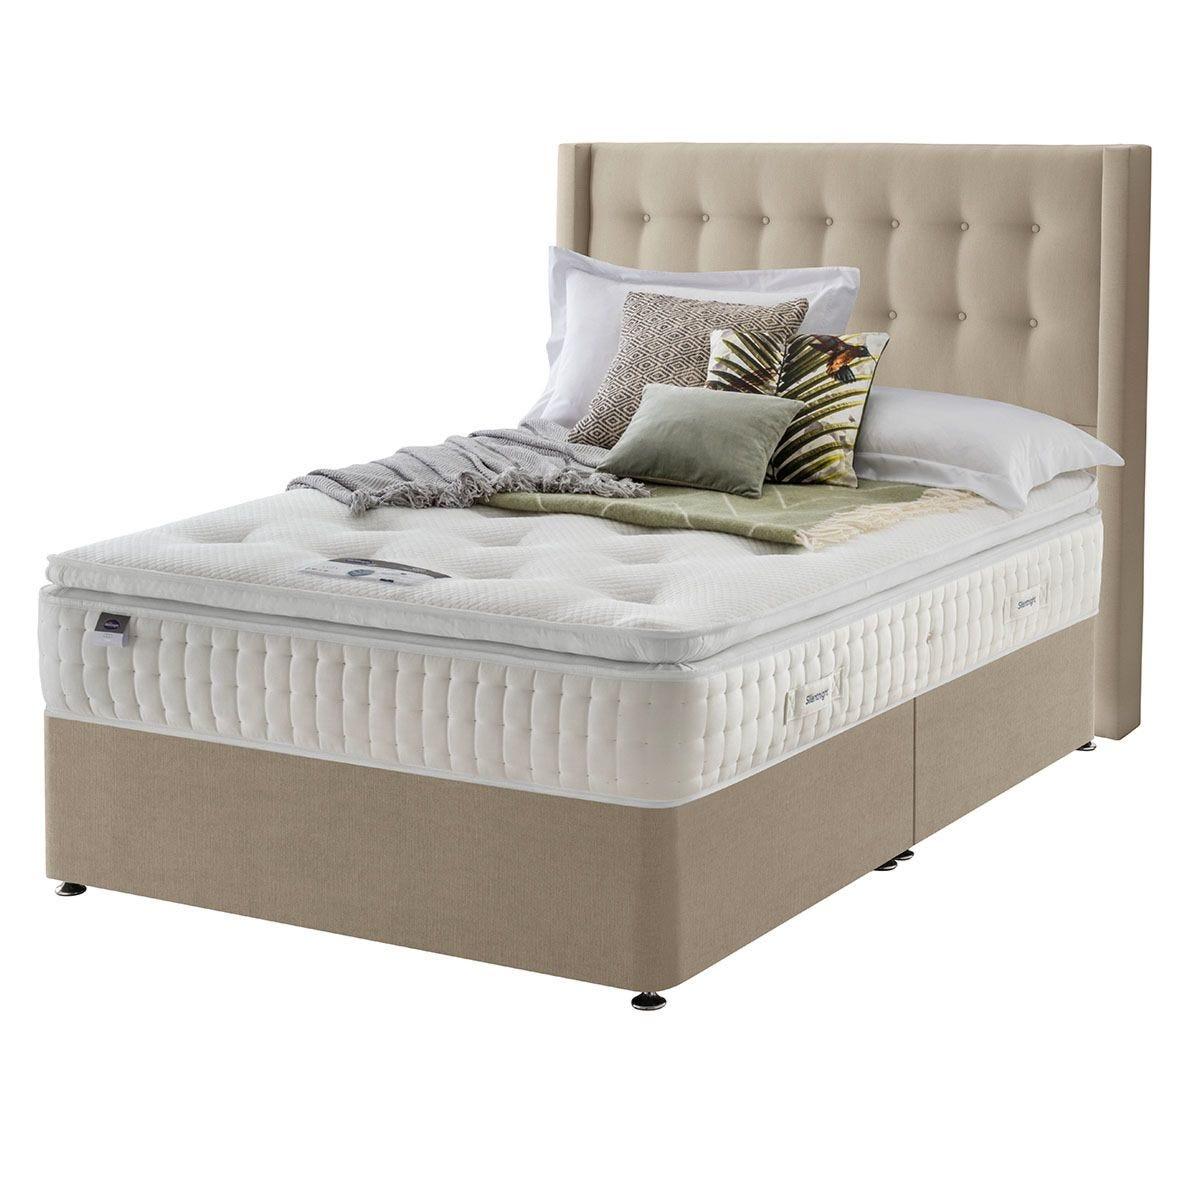 Silentnight Mirapocket Latex 1400 Non Storage Divan Bed - Sandstone King